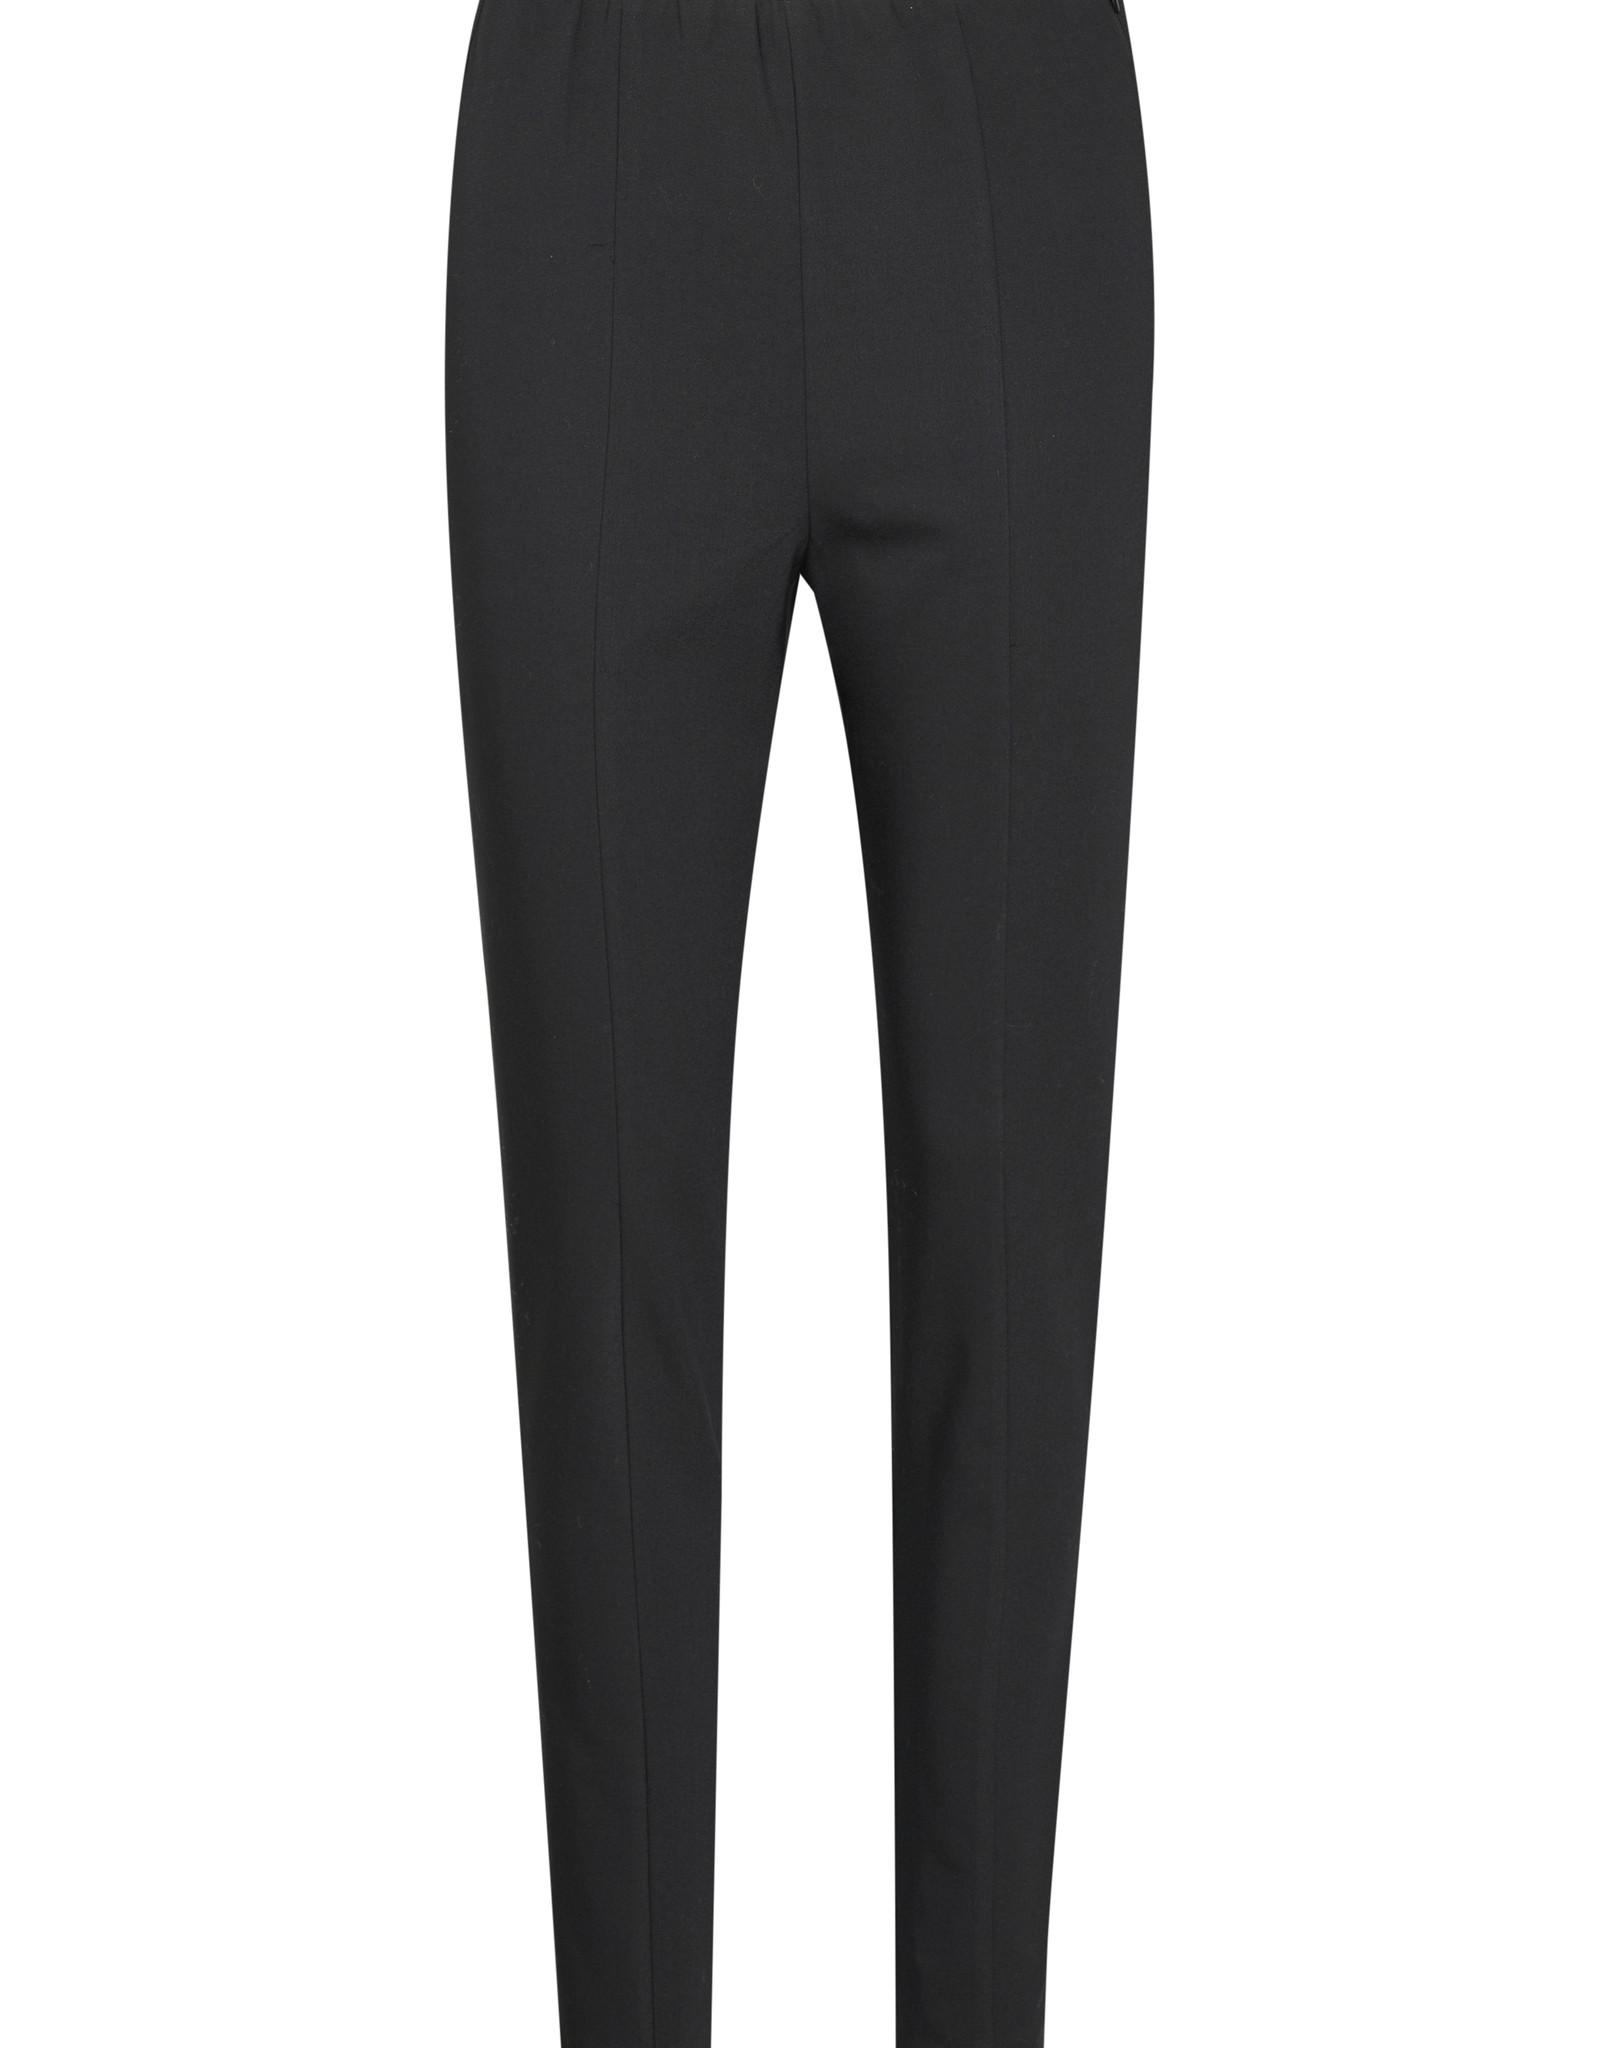 InWear Zella Shape Legging Black